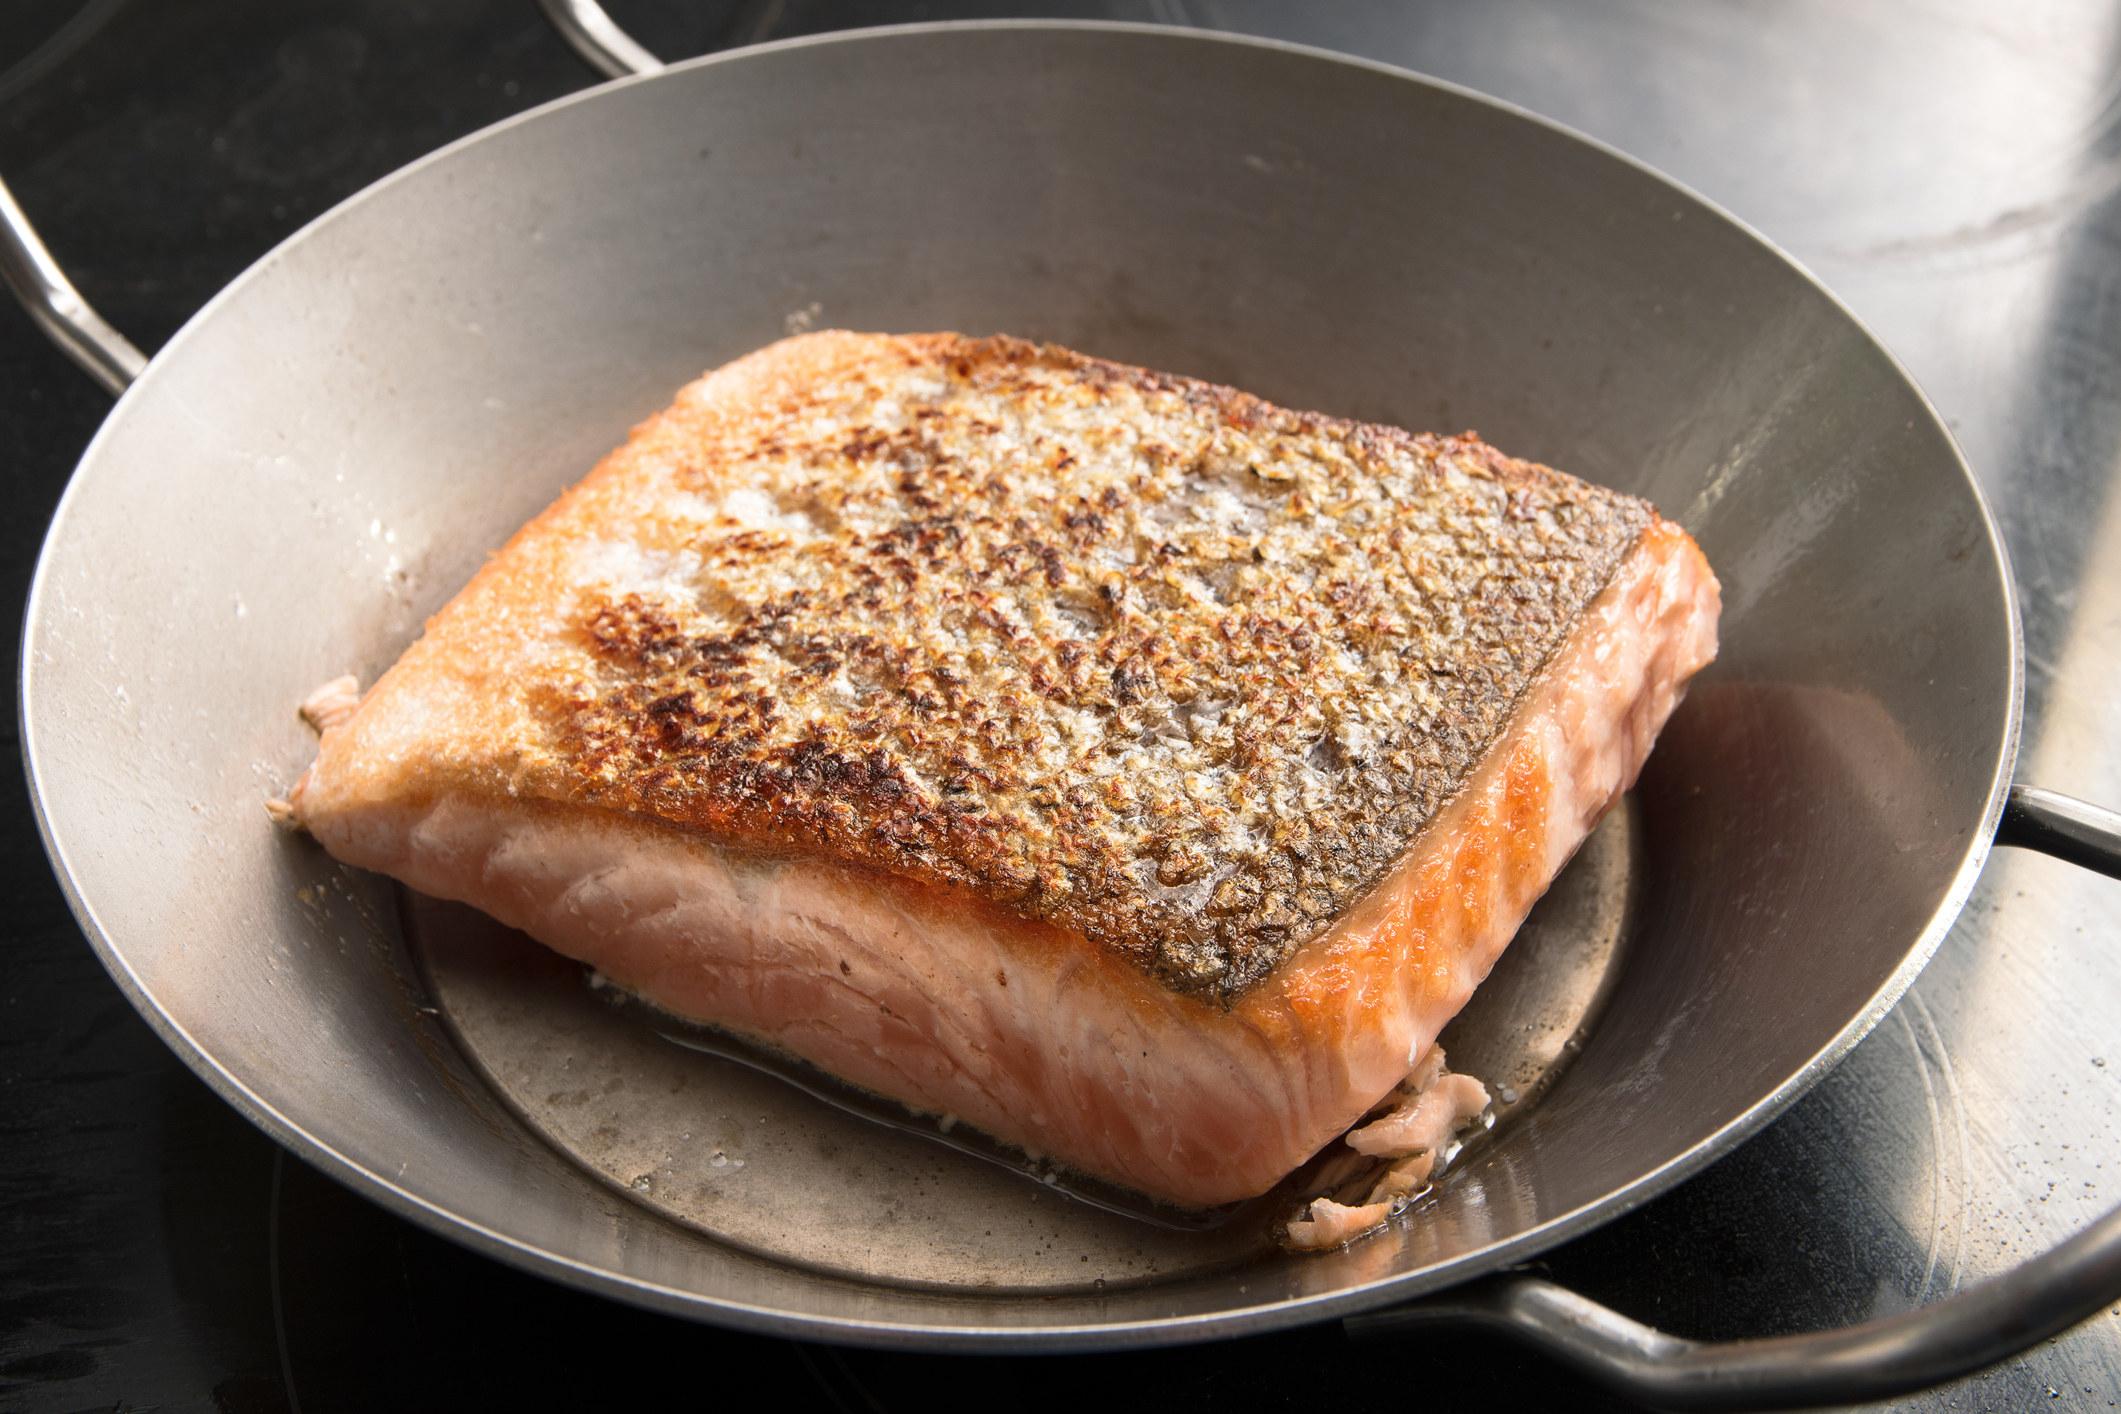 Crispy salmon skin in a pan.